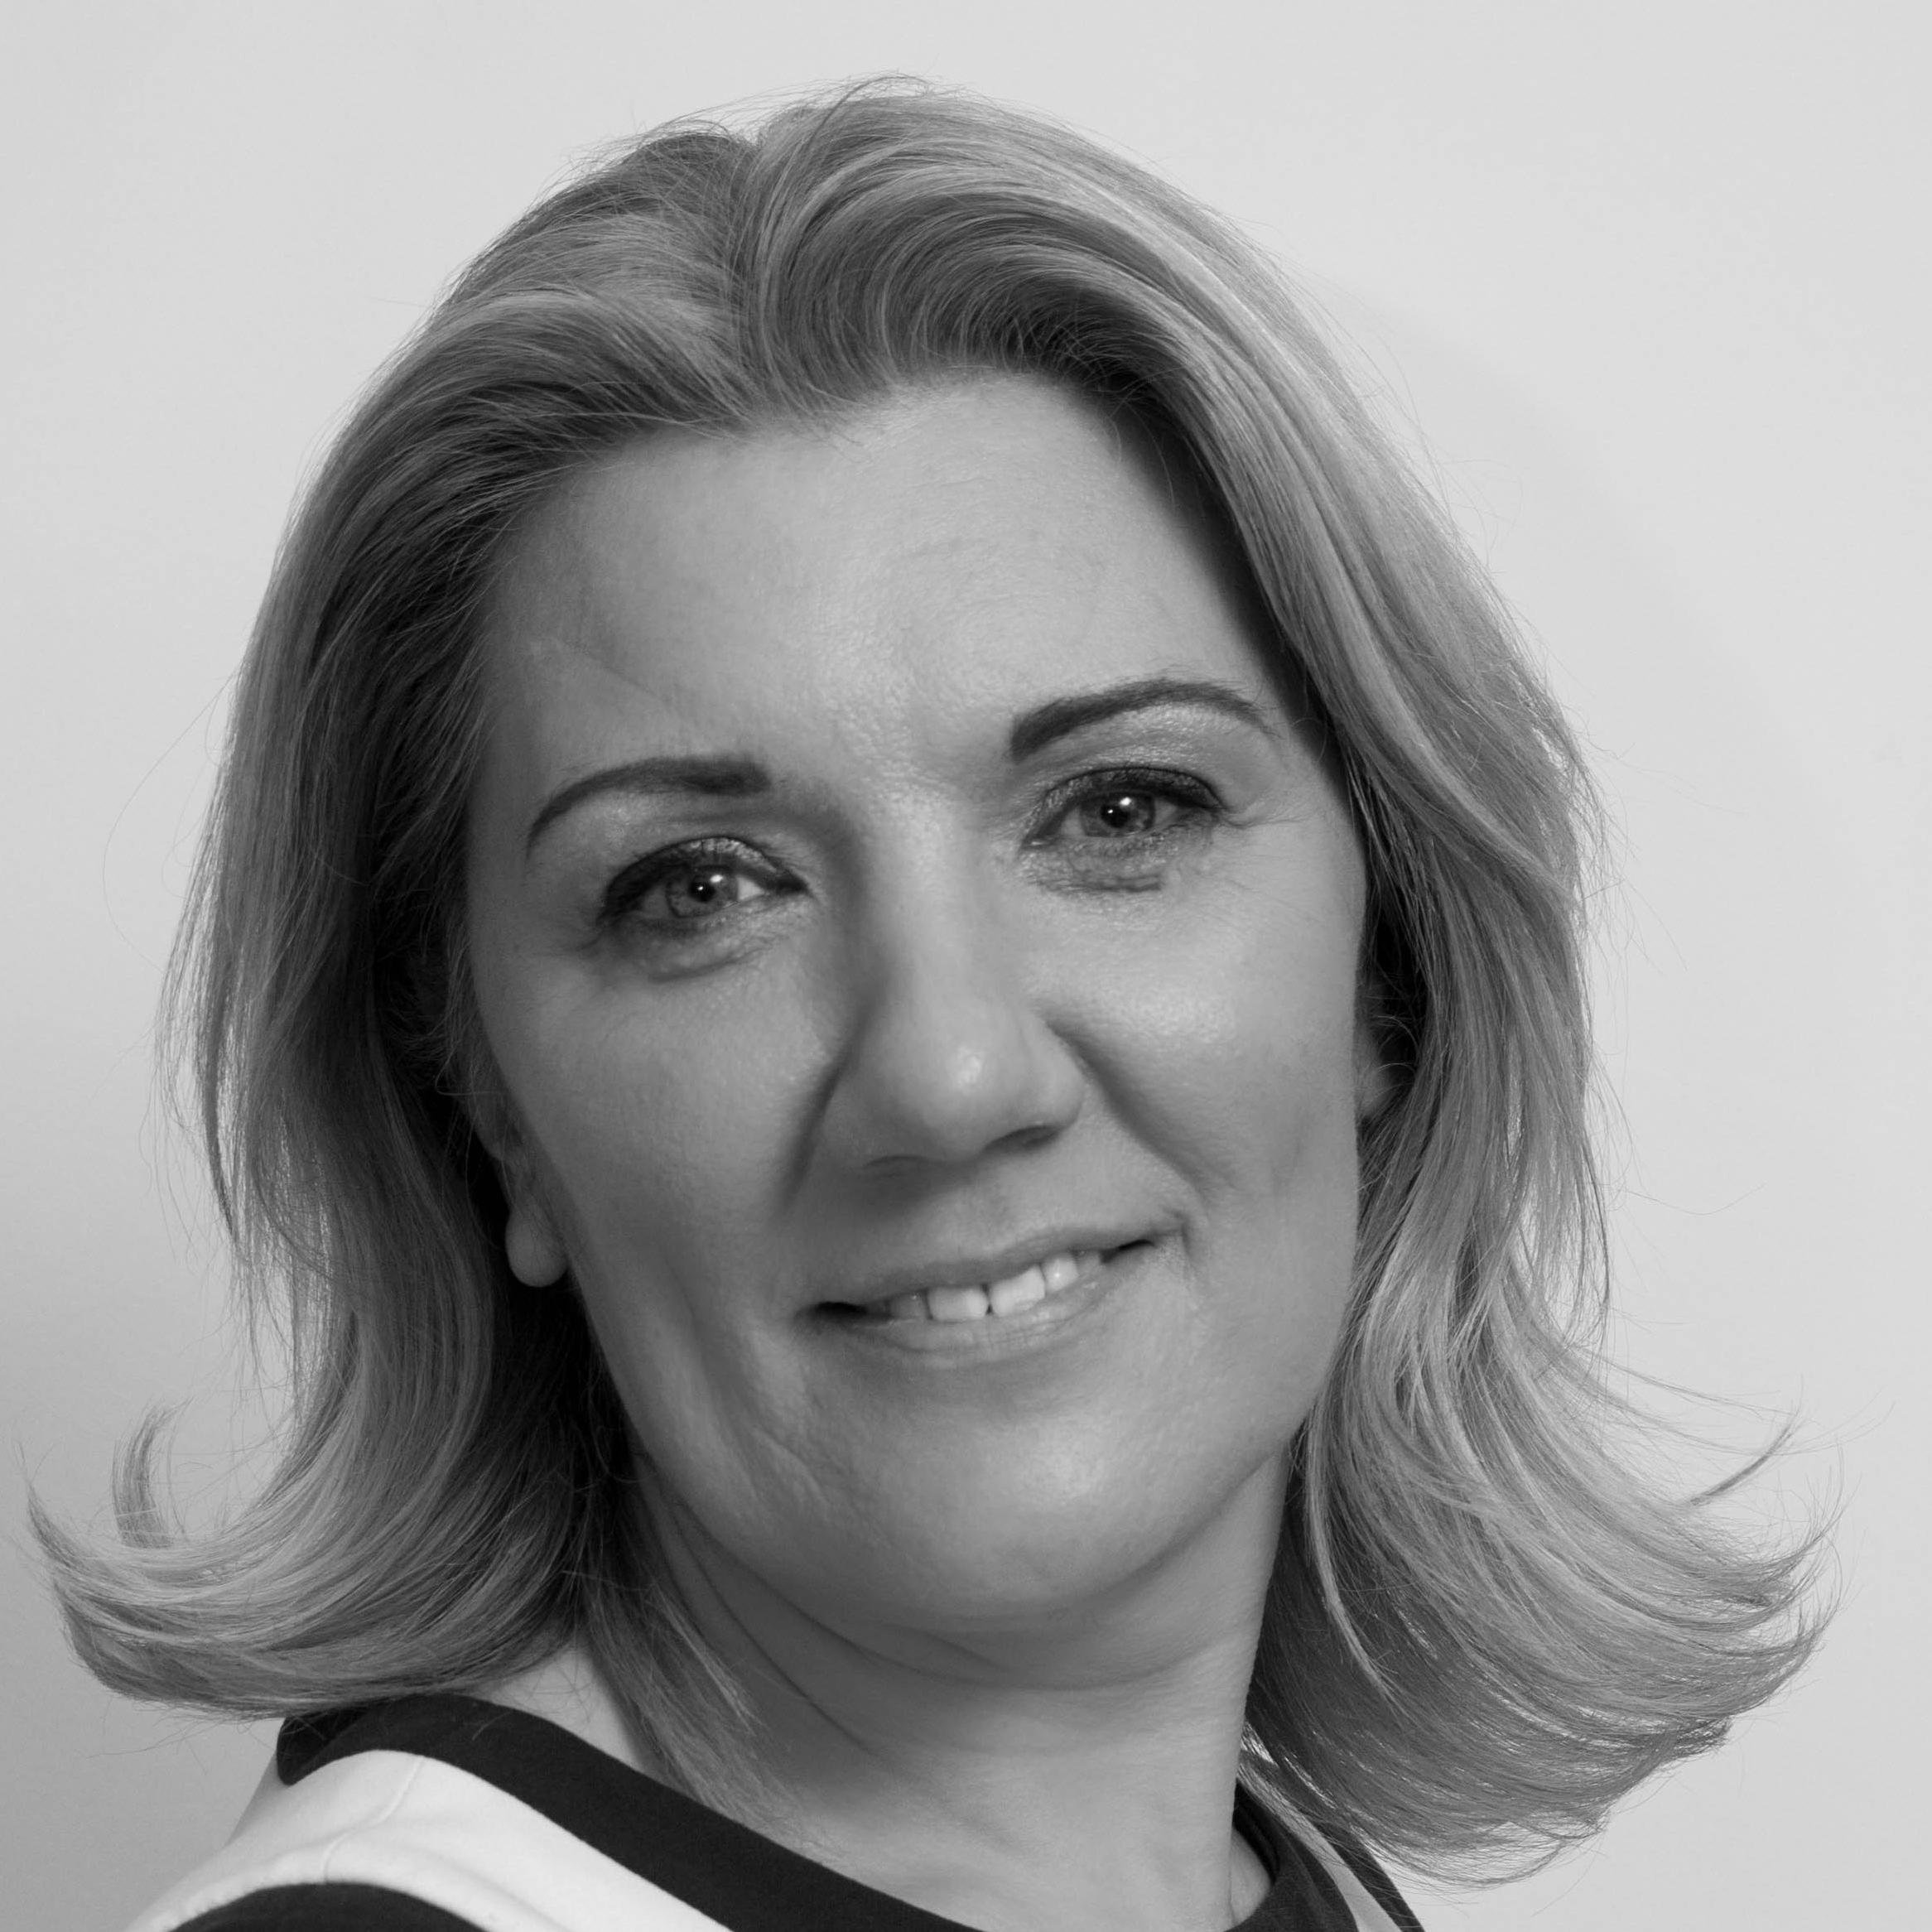 Sharon Kavanagh-Banks